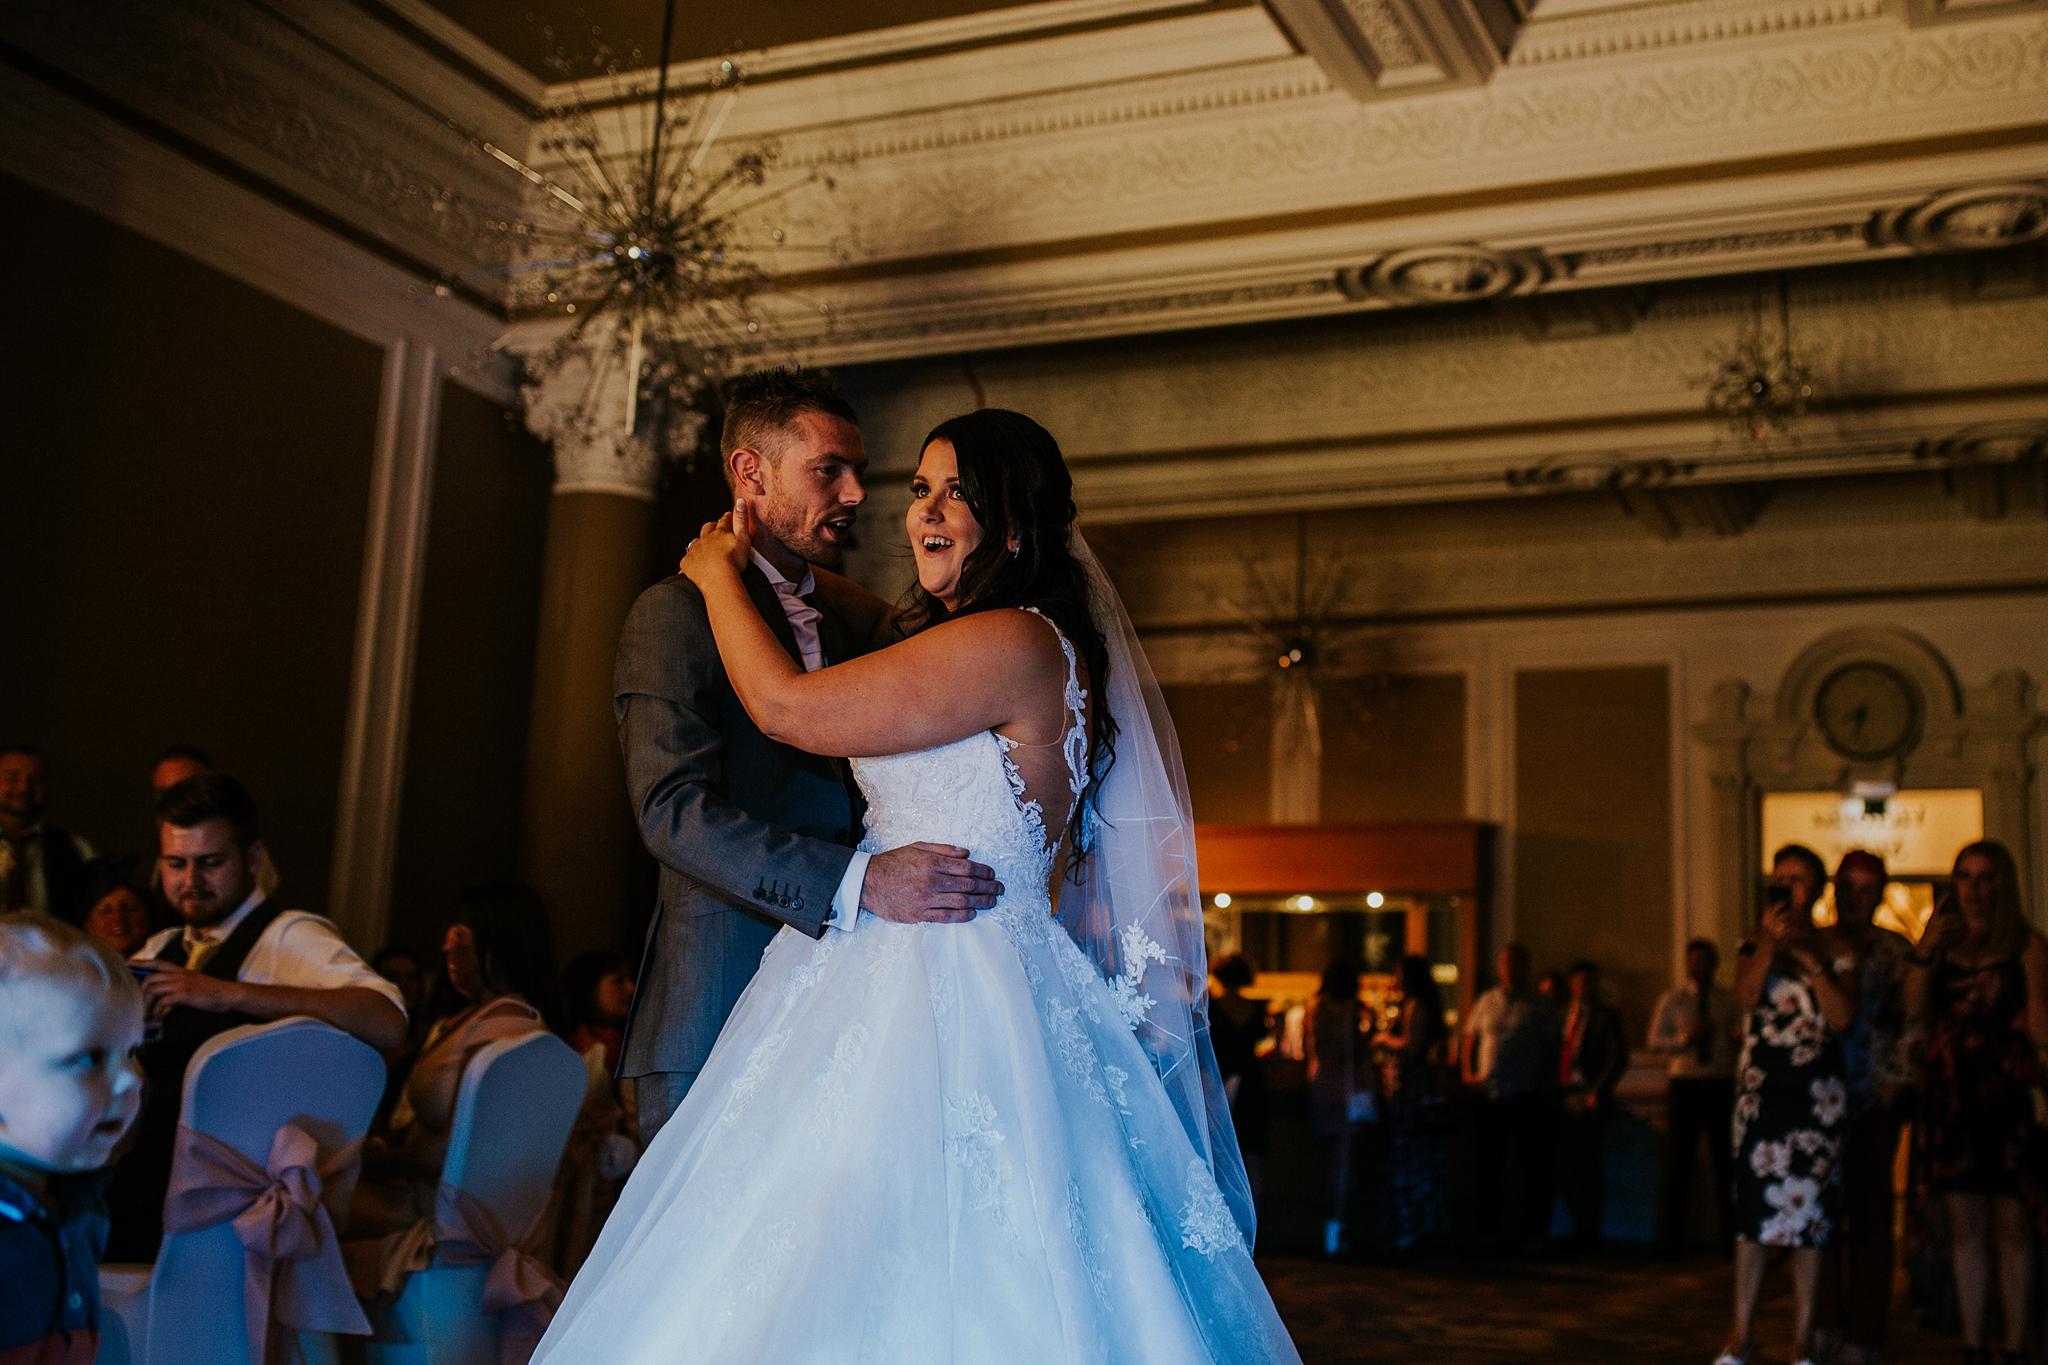 newcastle_upon_tyne_wedding_photographer-75.JPG